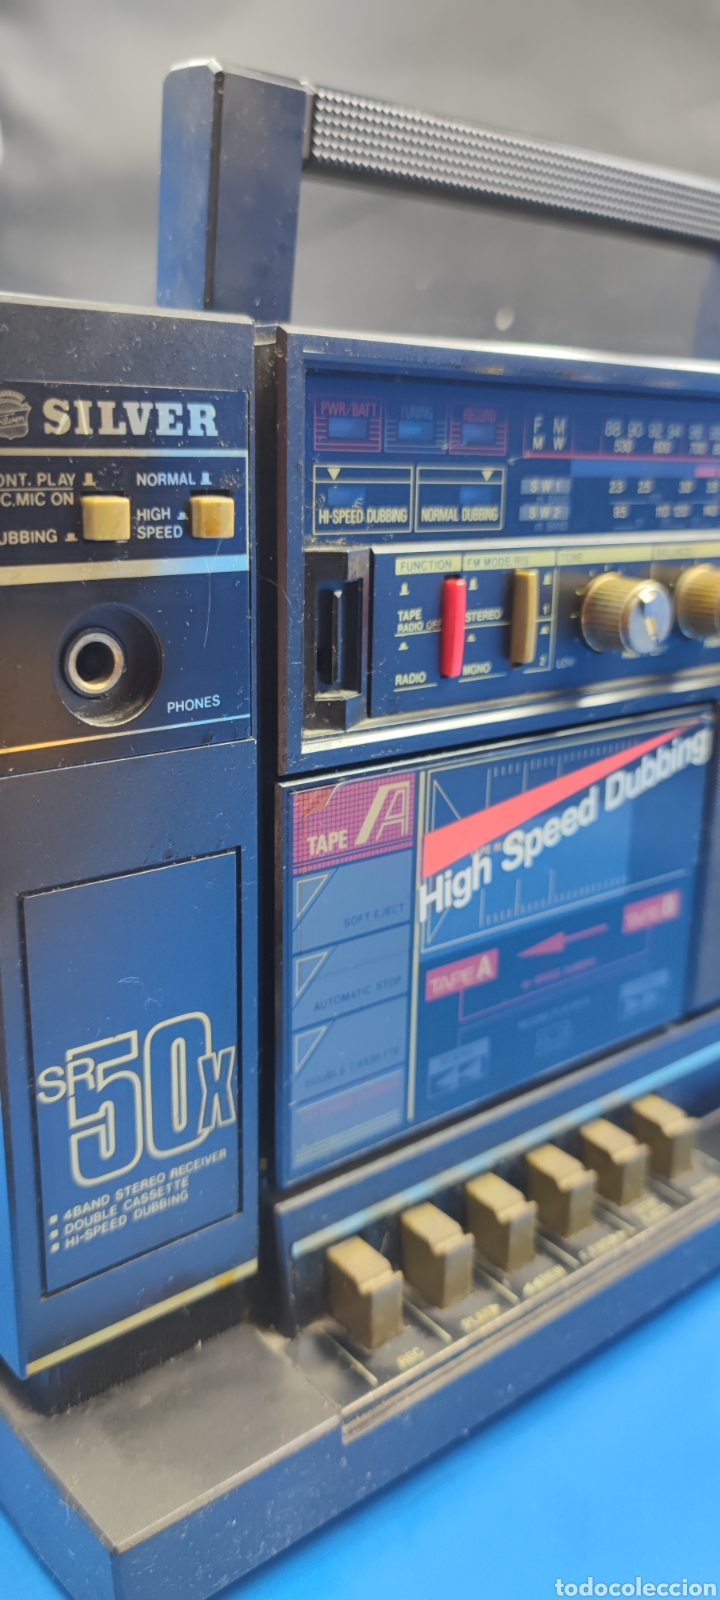 Radios antiguas: RADIO CASSETTE SILVER SR 50 X VINTAGE - Foto 10 - 286408988